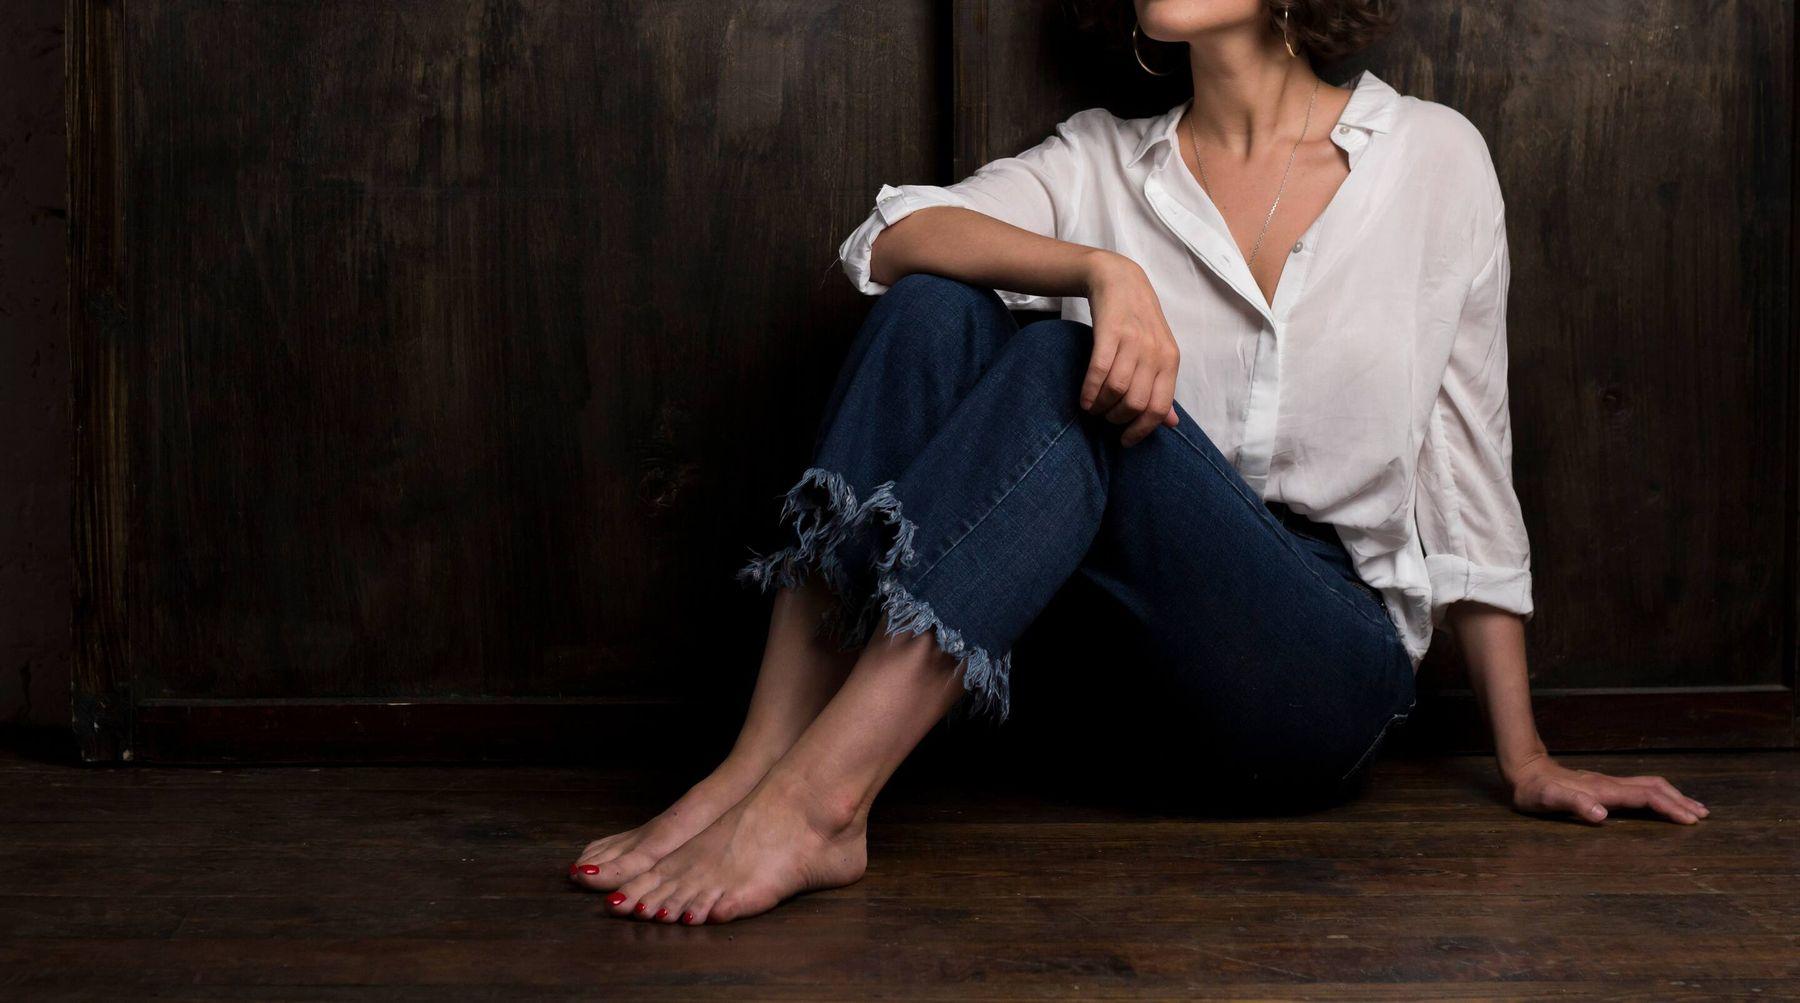 phối đồ với áo sơ mi trắng cùng quần jeans